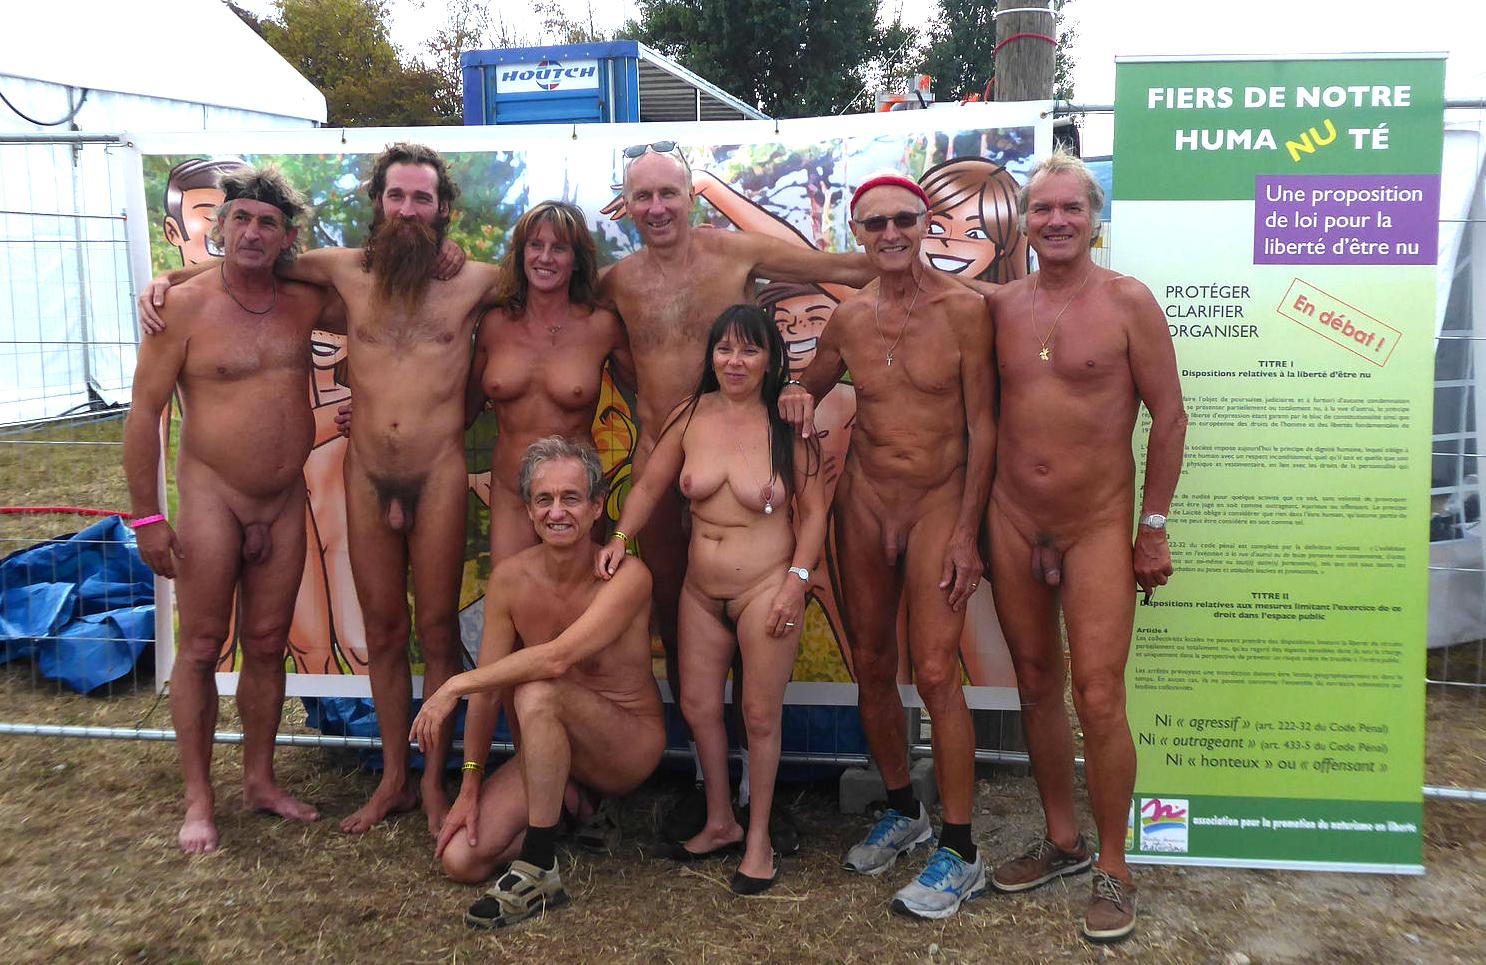 Lunique plage nudiste de Moscou est menace de fermeture